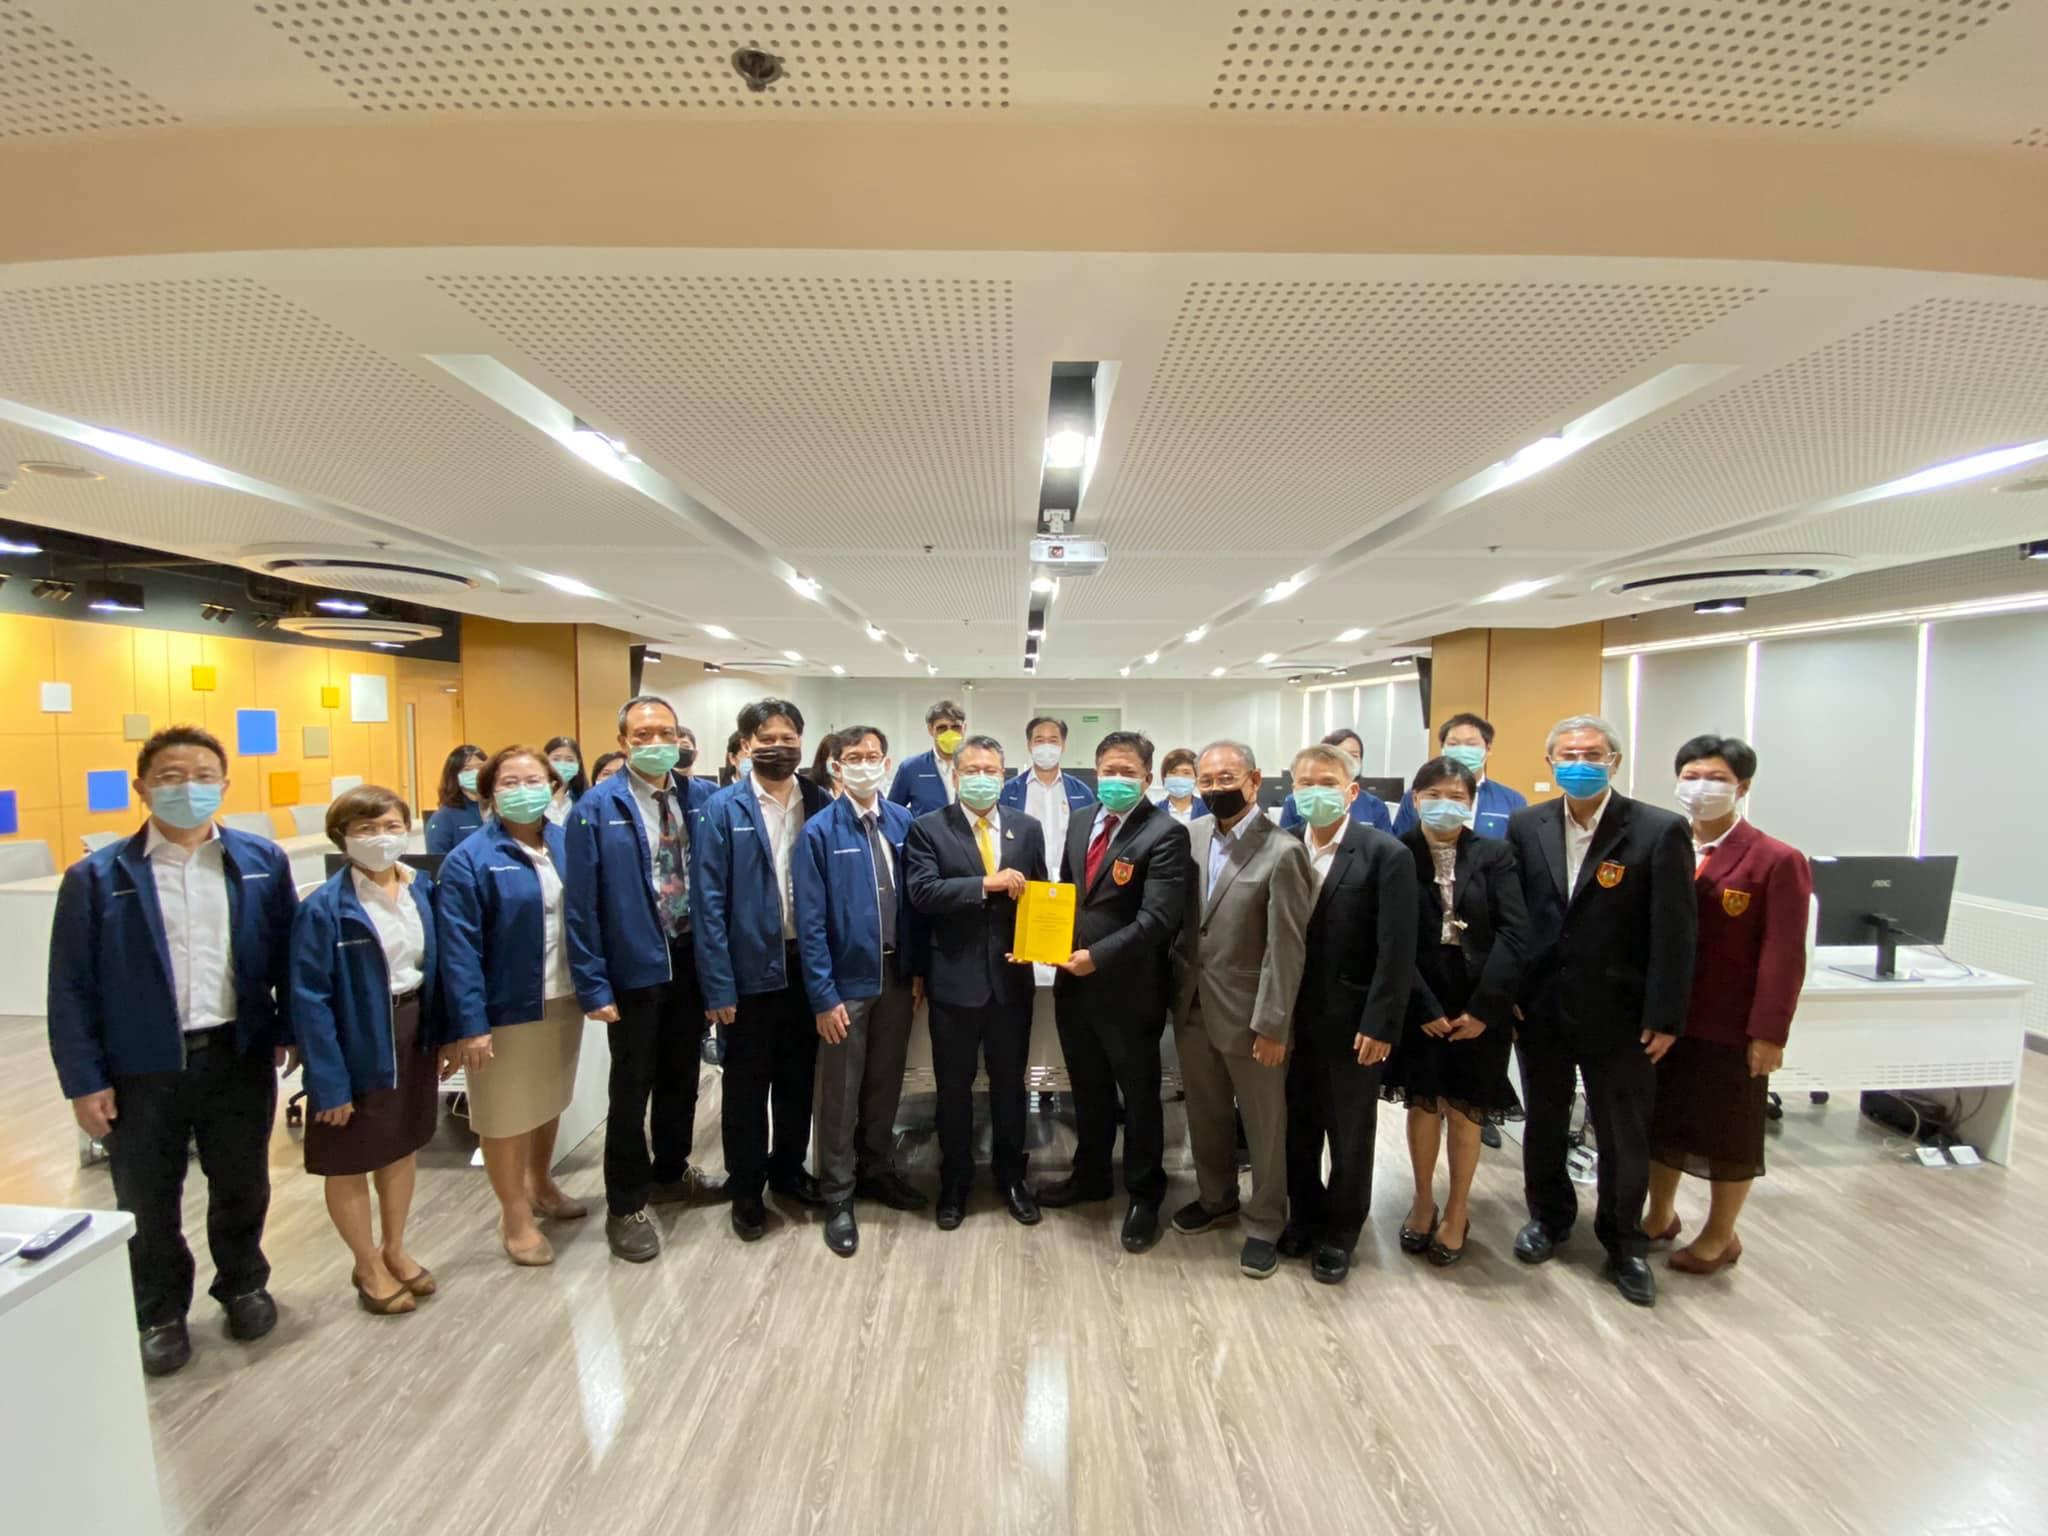 วิศวกรรมสถานแห่งประเทศไทยฯ (วสท.) ให้การต้อนรับ นายธนะ อัลภาชน์ รองเลขาธิการสำนักงานมาตรฐานผลิตภัณฑ์อุตสาหกรรม (สมอ.) นายเอกนิติ รมยานนท์ ผู้อำนวยการสำนักงานคณะกรรมการการมาตรฐานแห่งชาติ พร้อมด้วยคณะ